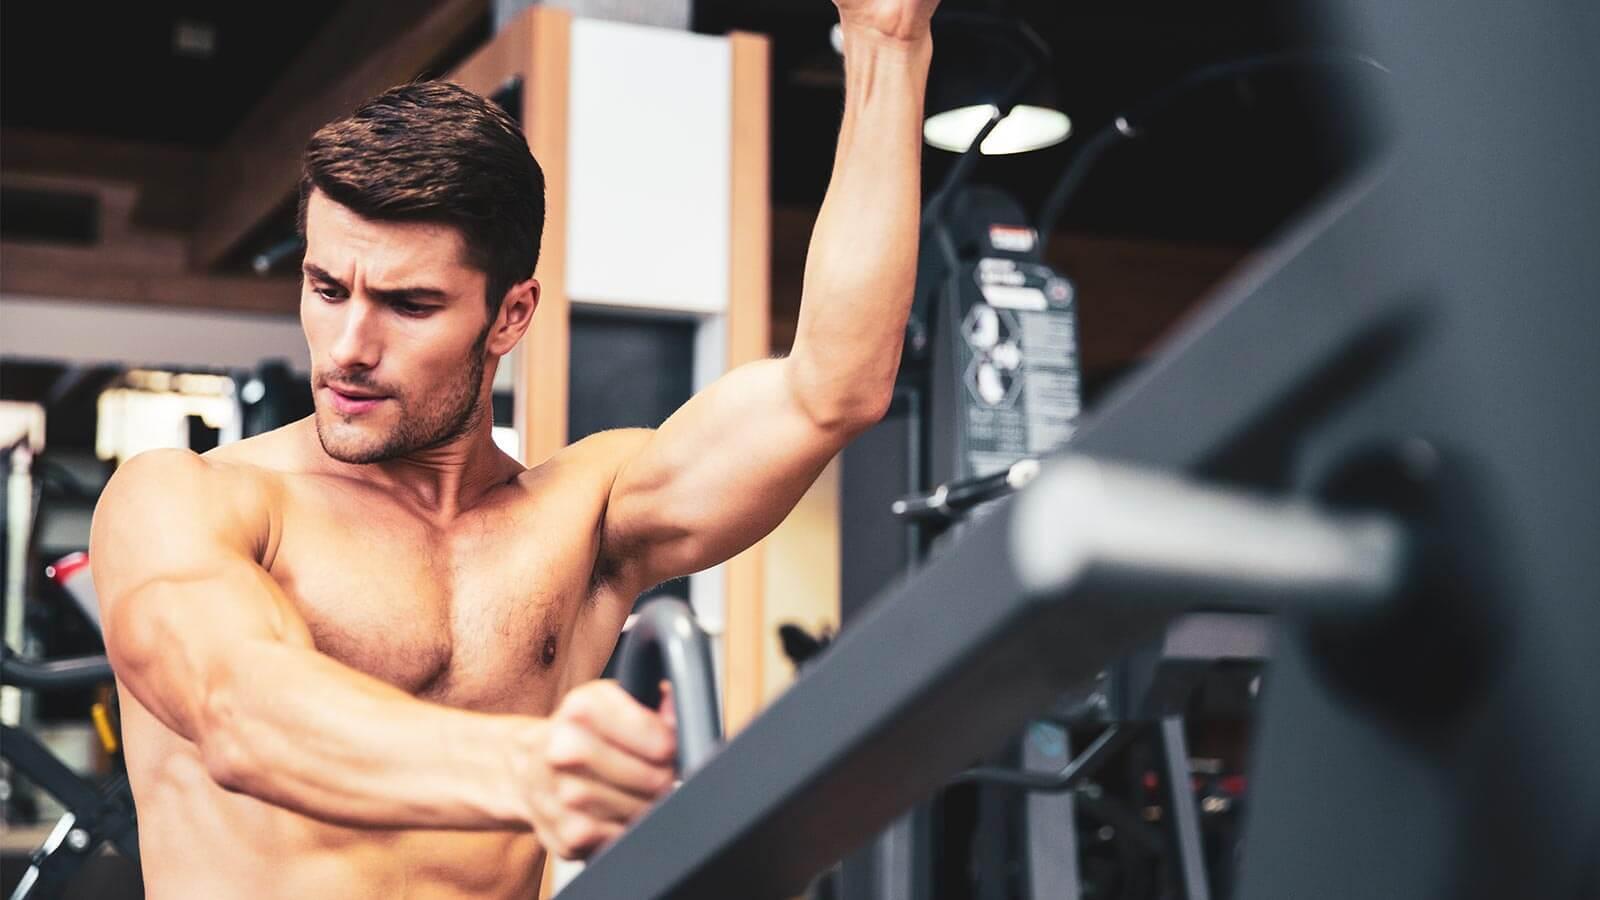 8 exercices pour perdre du poids : découvrez nos mouvements efficaces pour maigrir